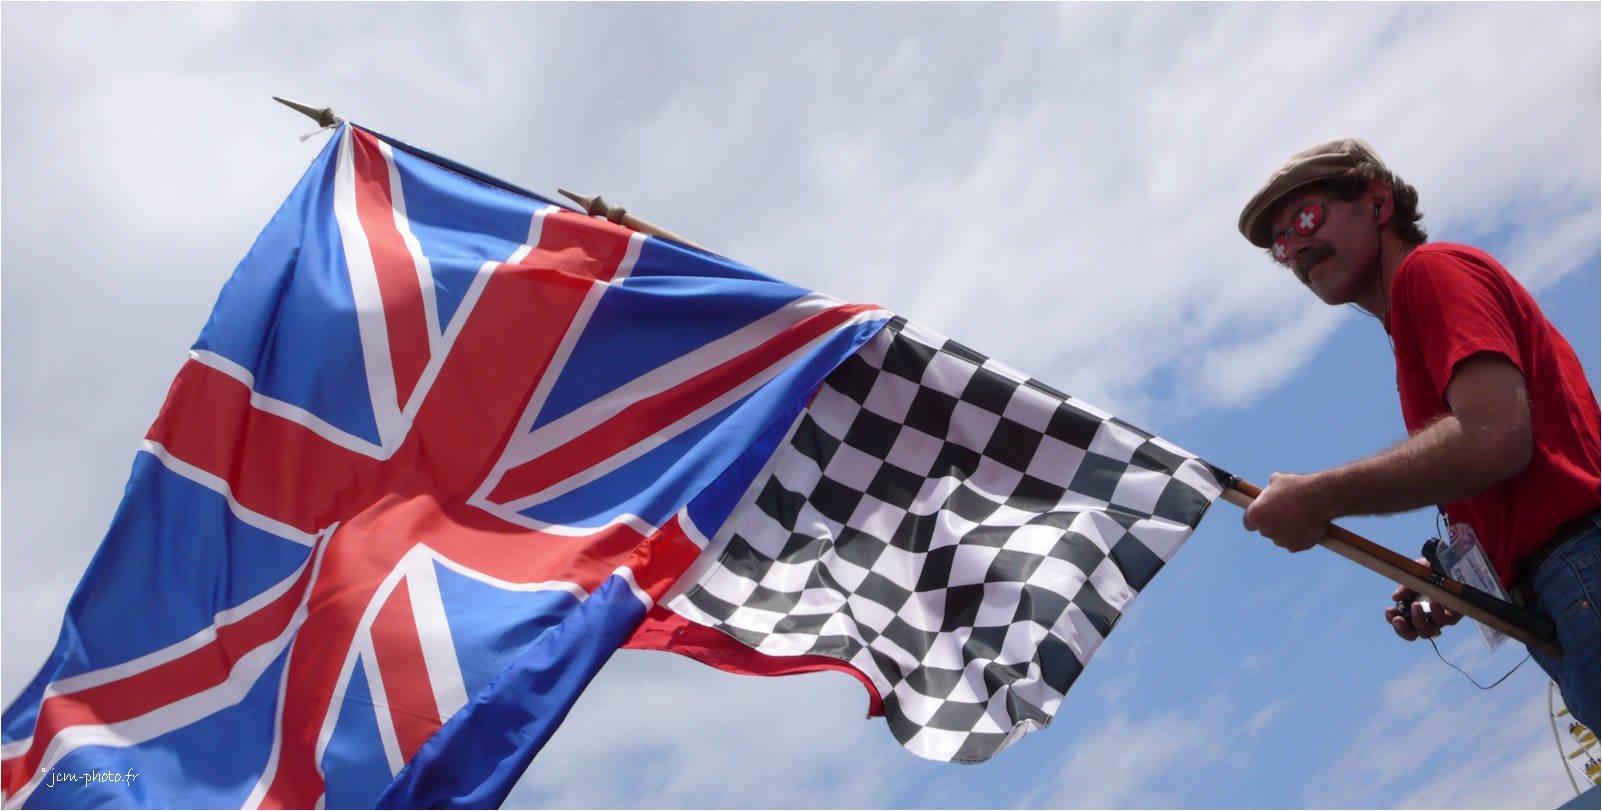 24 heures du Mans 2007 - JeanClaudeM jcm-photo